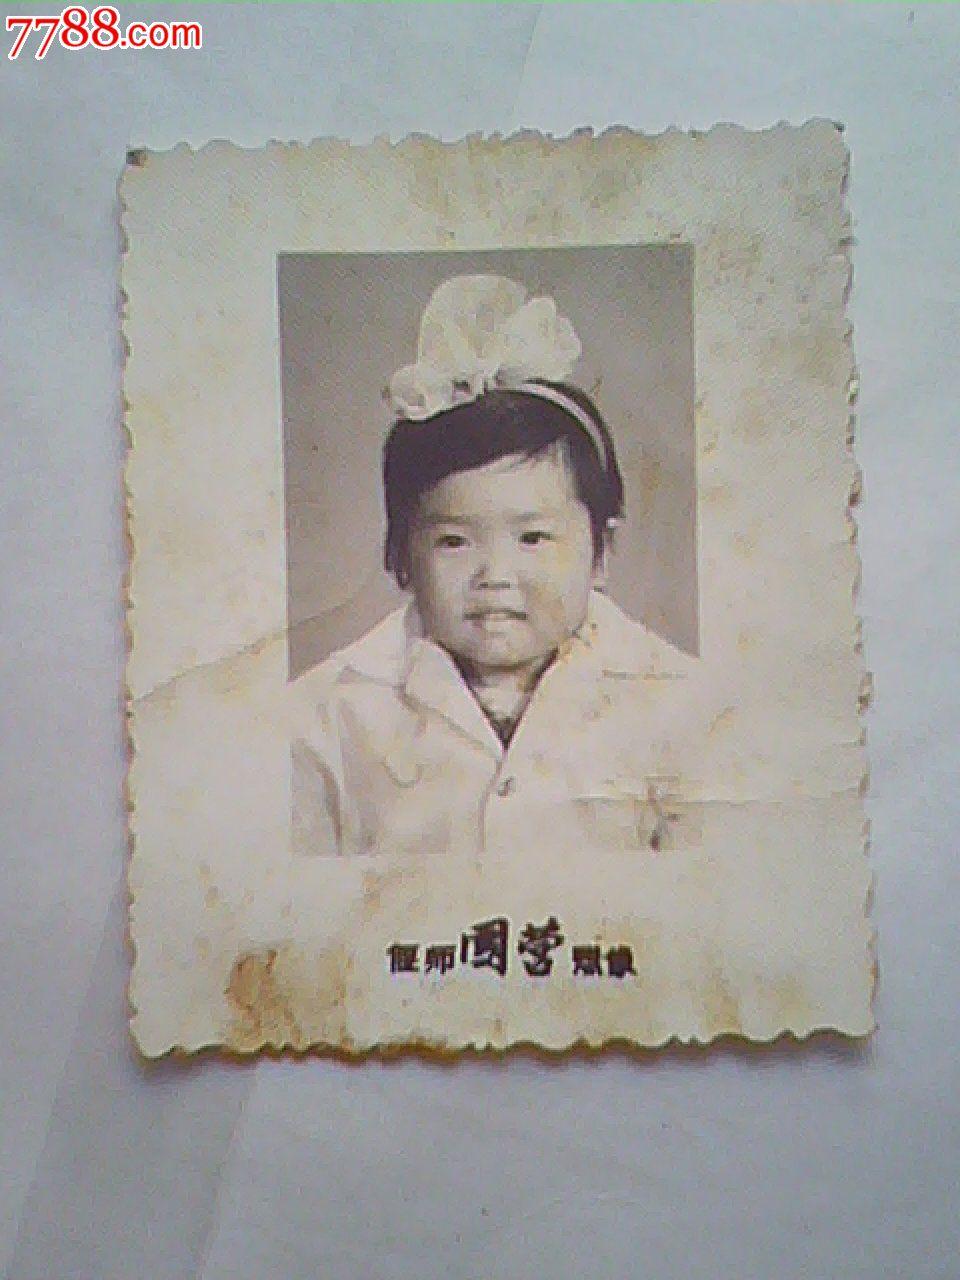 可爱的胖娃娃_价格1元【河洛收藏】